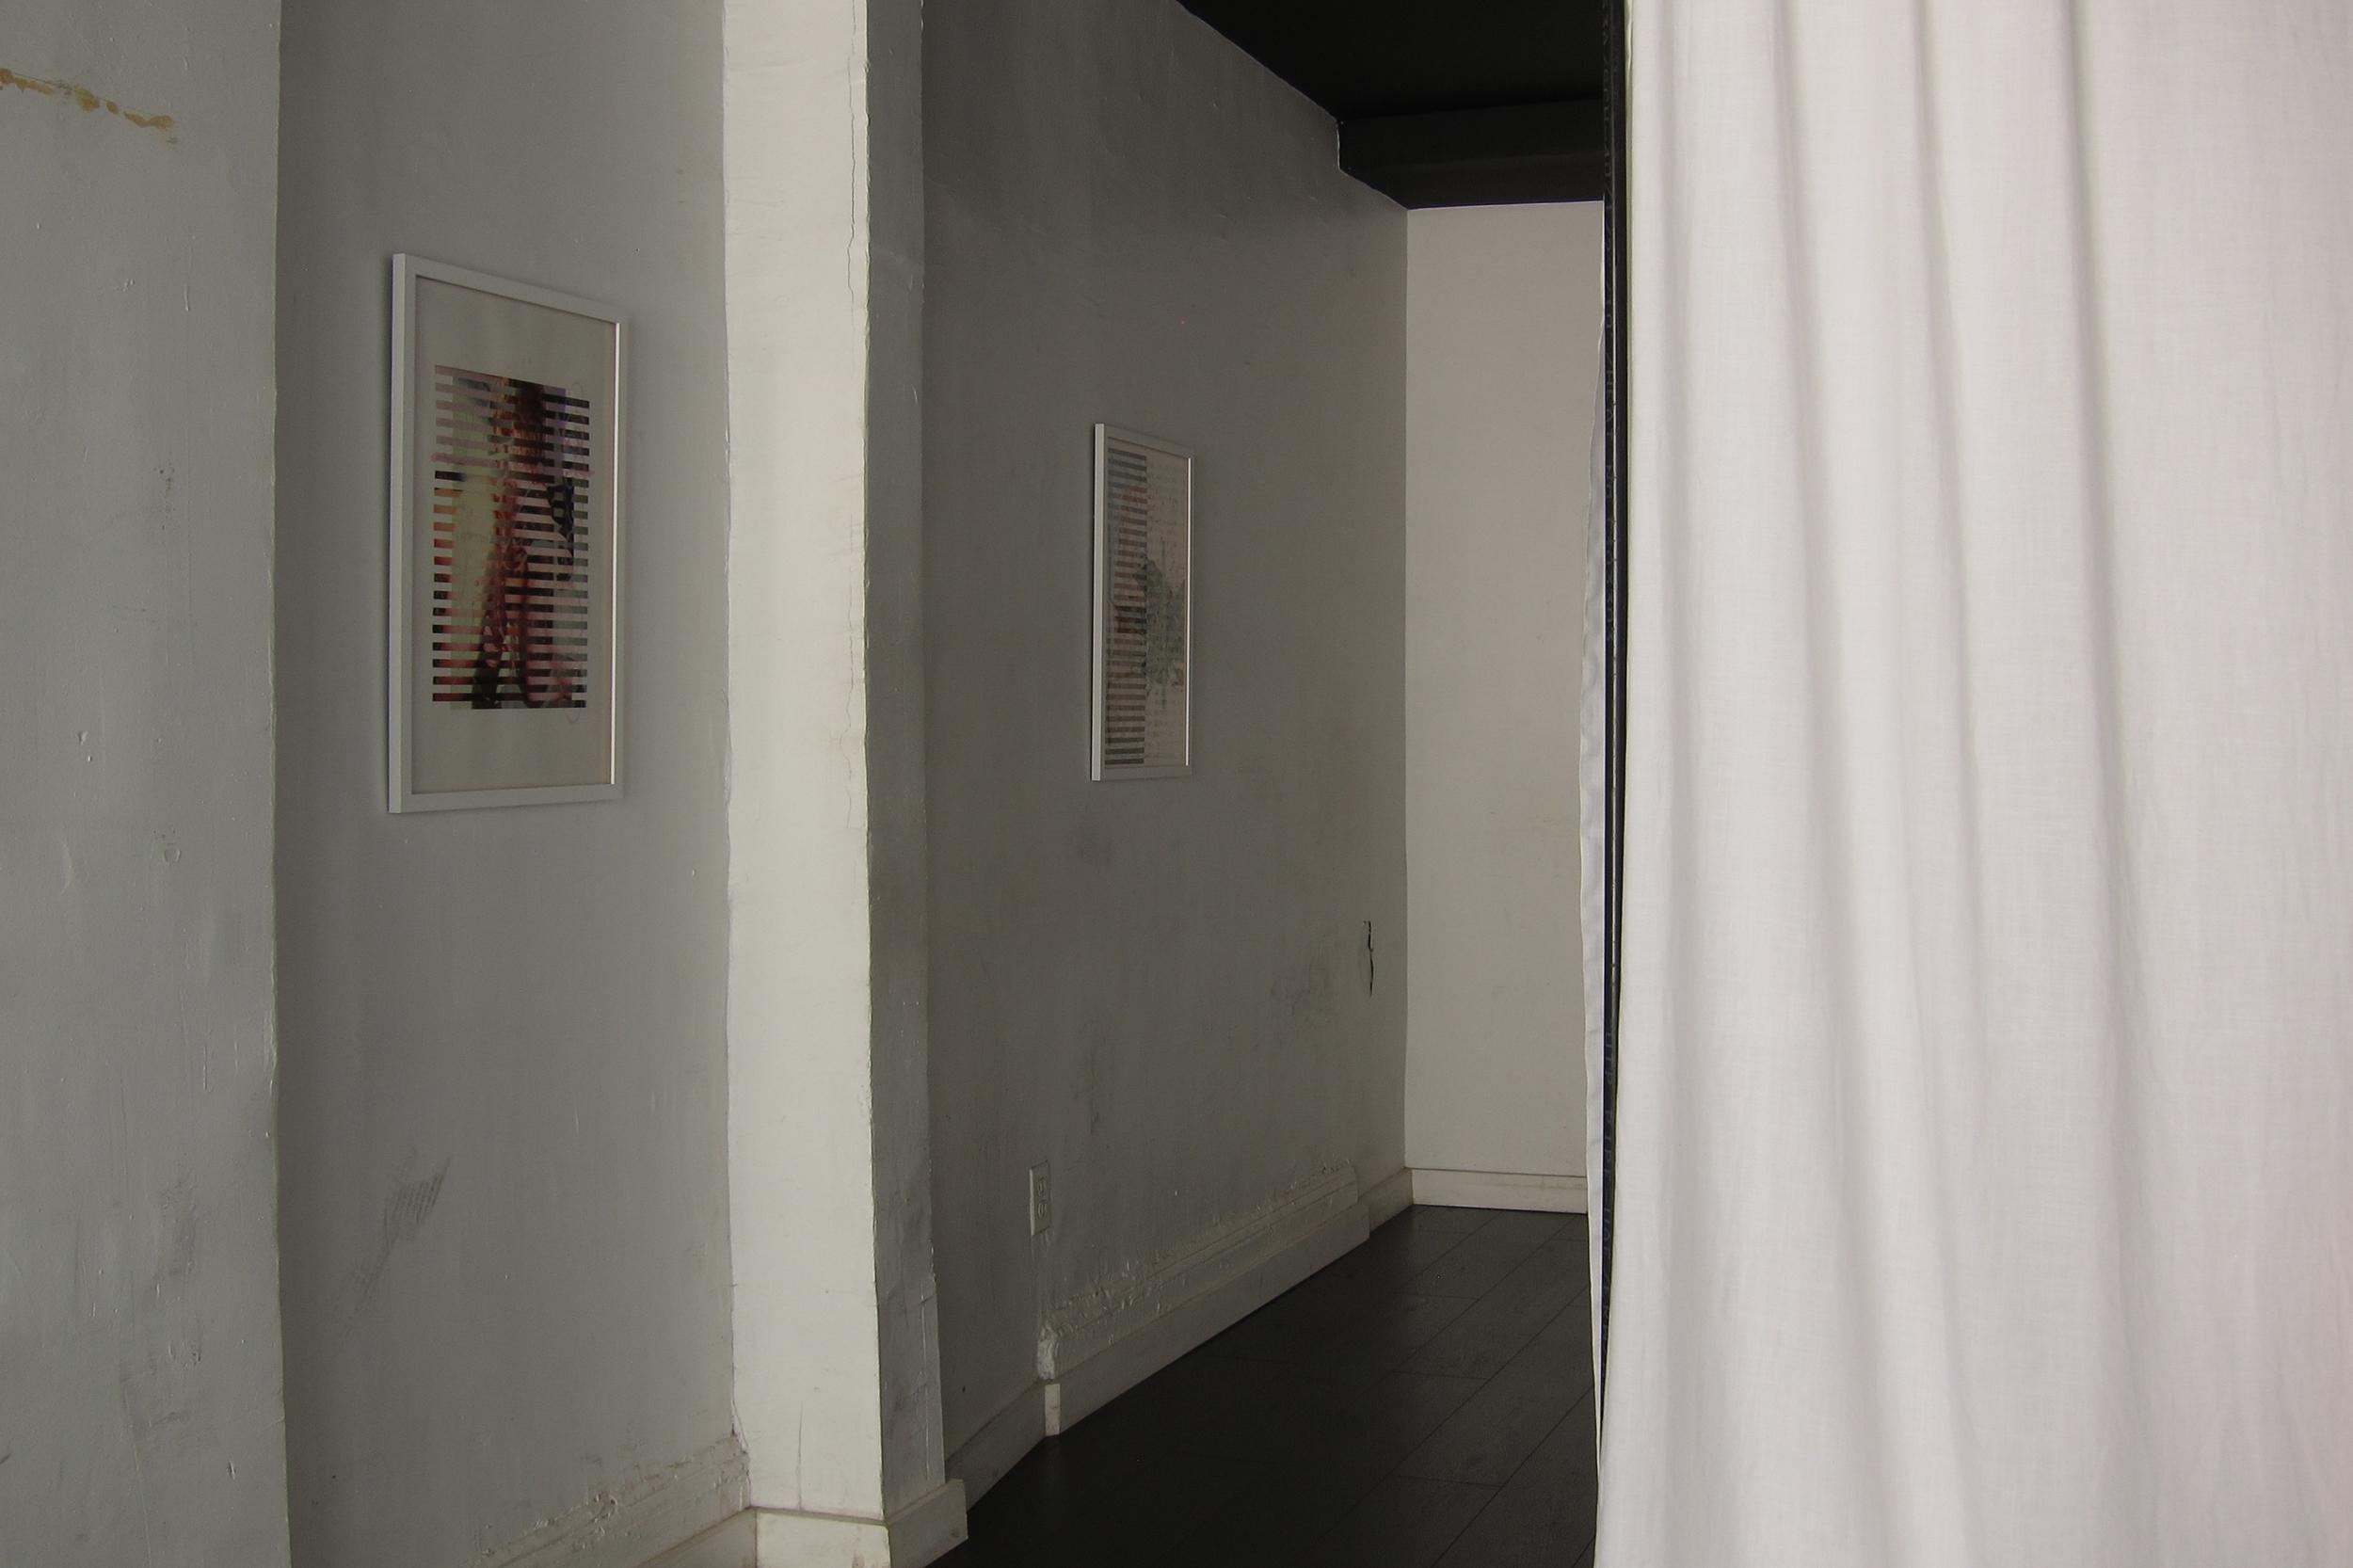 Starschnitt, Kai Matsumiya Gallery, Photo by Markues_04.jpg